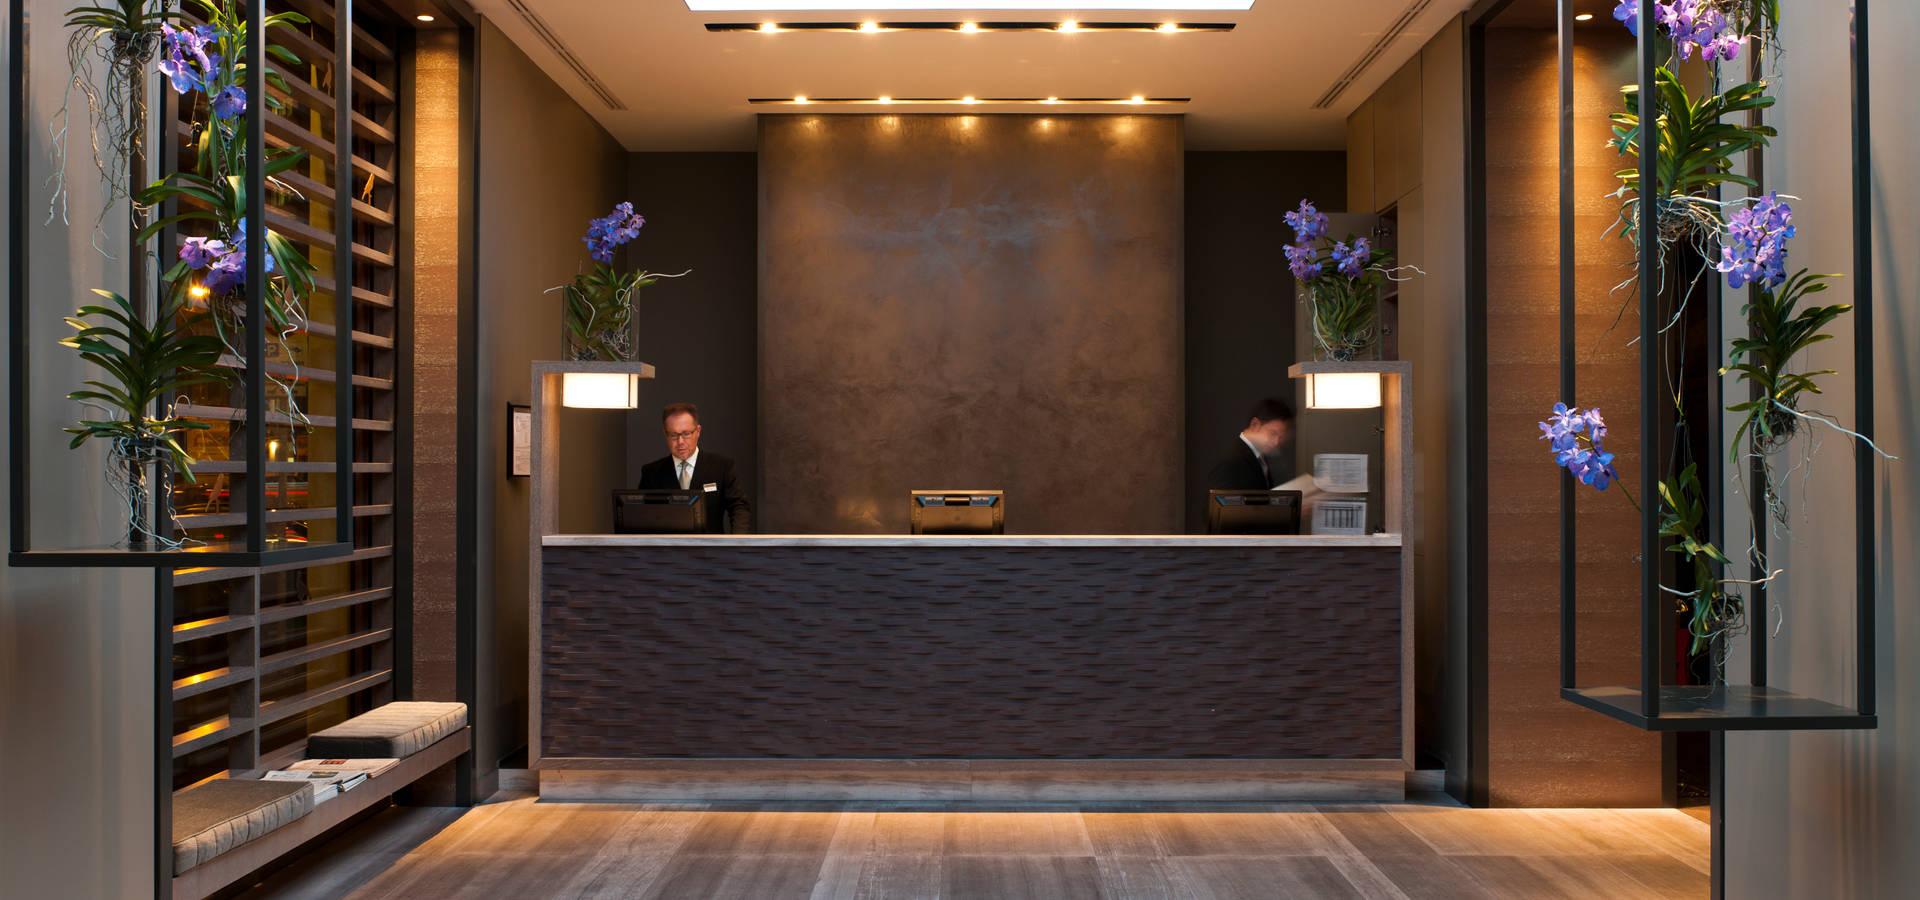 Andrea Auletta Interior Design